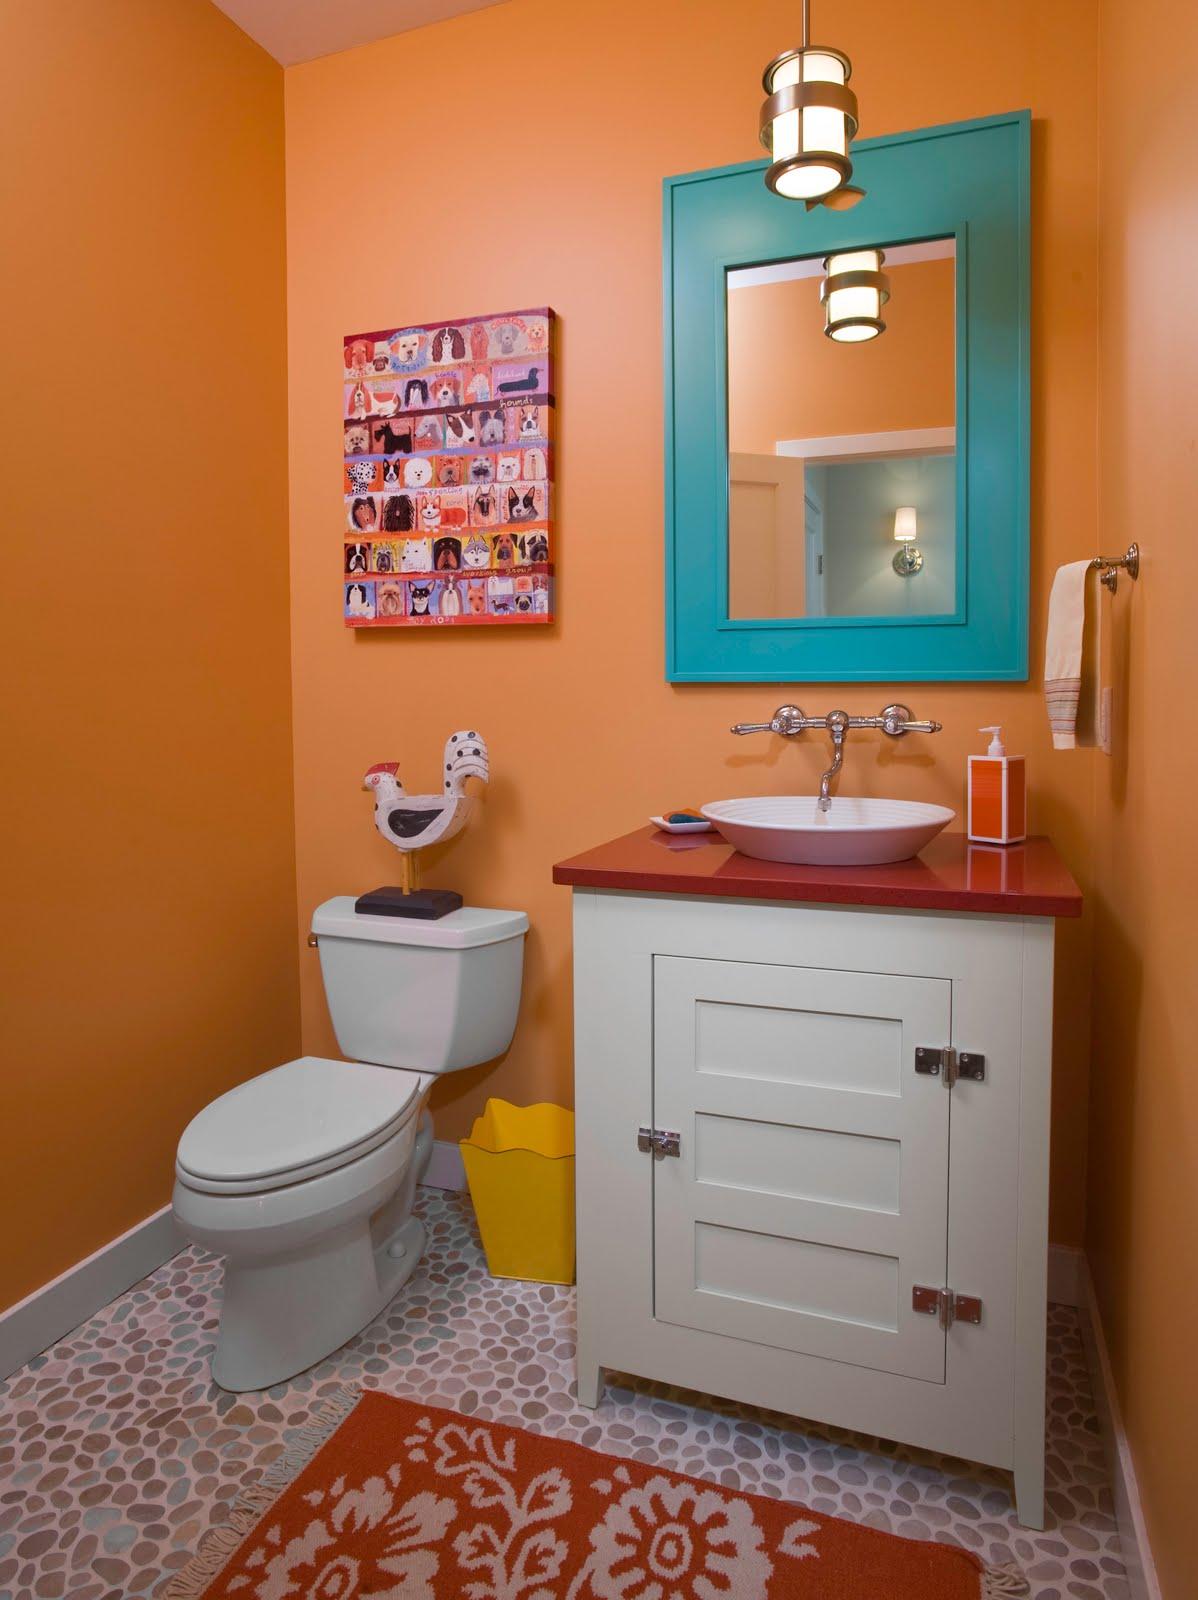 Imagens de #A83E23 achados de decoracao: ADORÁVEIS DECORAÇÕES DE BANHEIROS E LAVABOS 1198x1600 px 3626 Banheiros Simples Rusticos